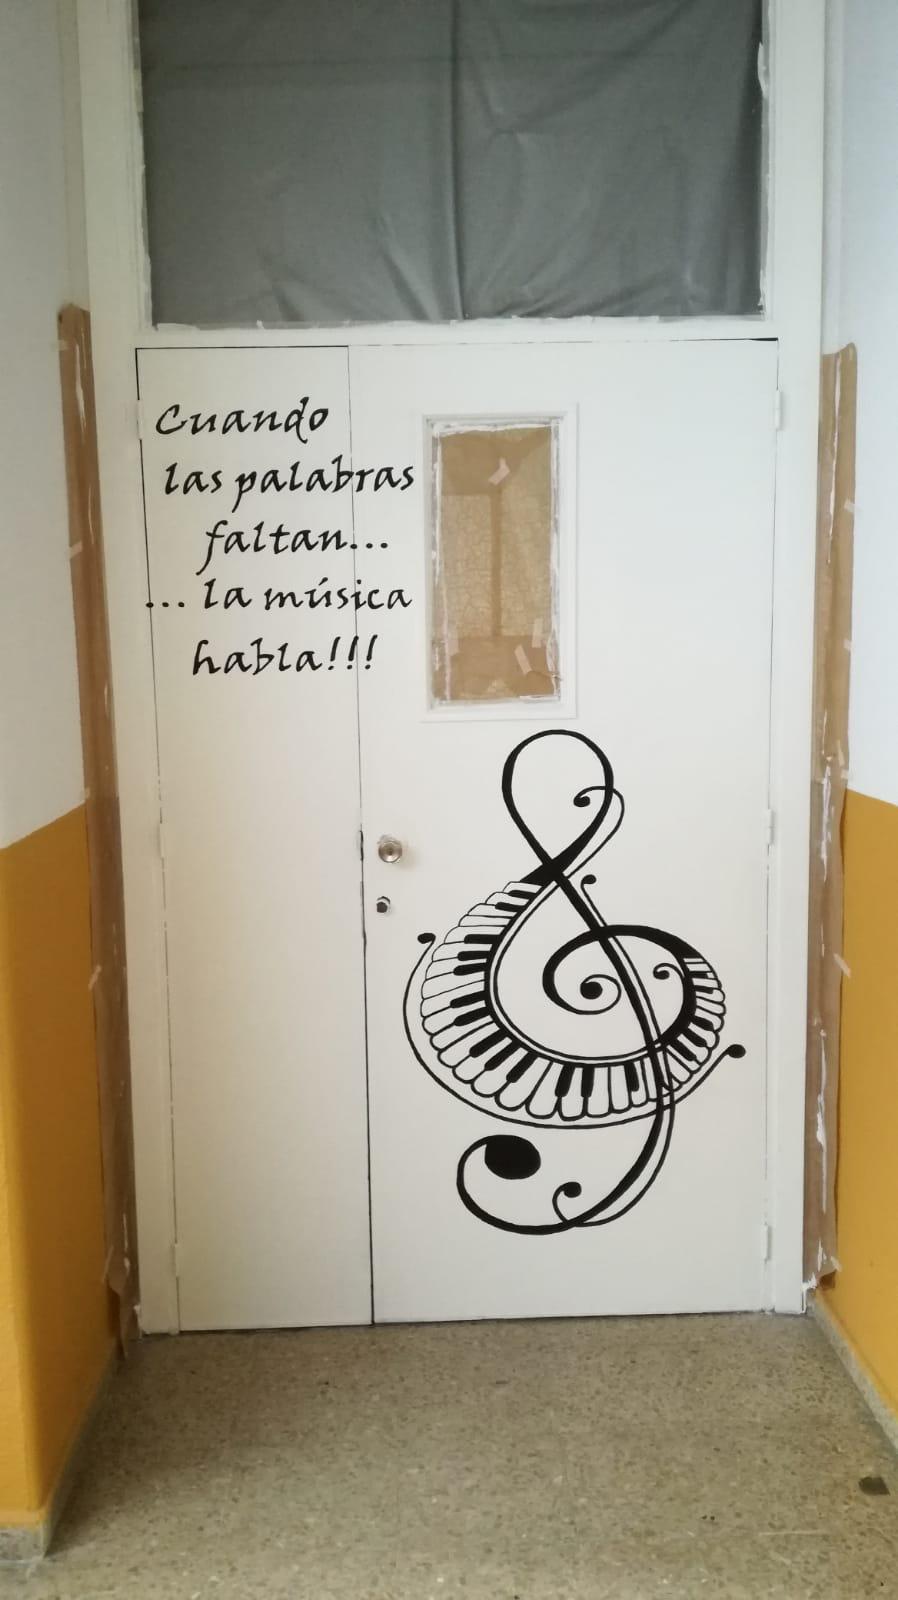 puertamusica_19 (3)